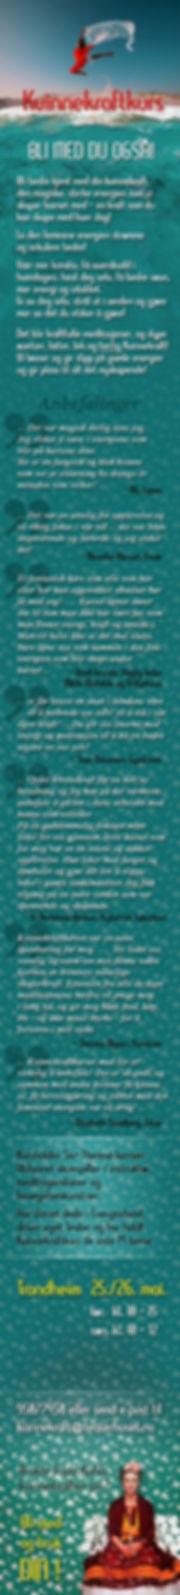 Frida-kvinnekraftflyer-1-til-1---25.---2